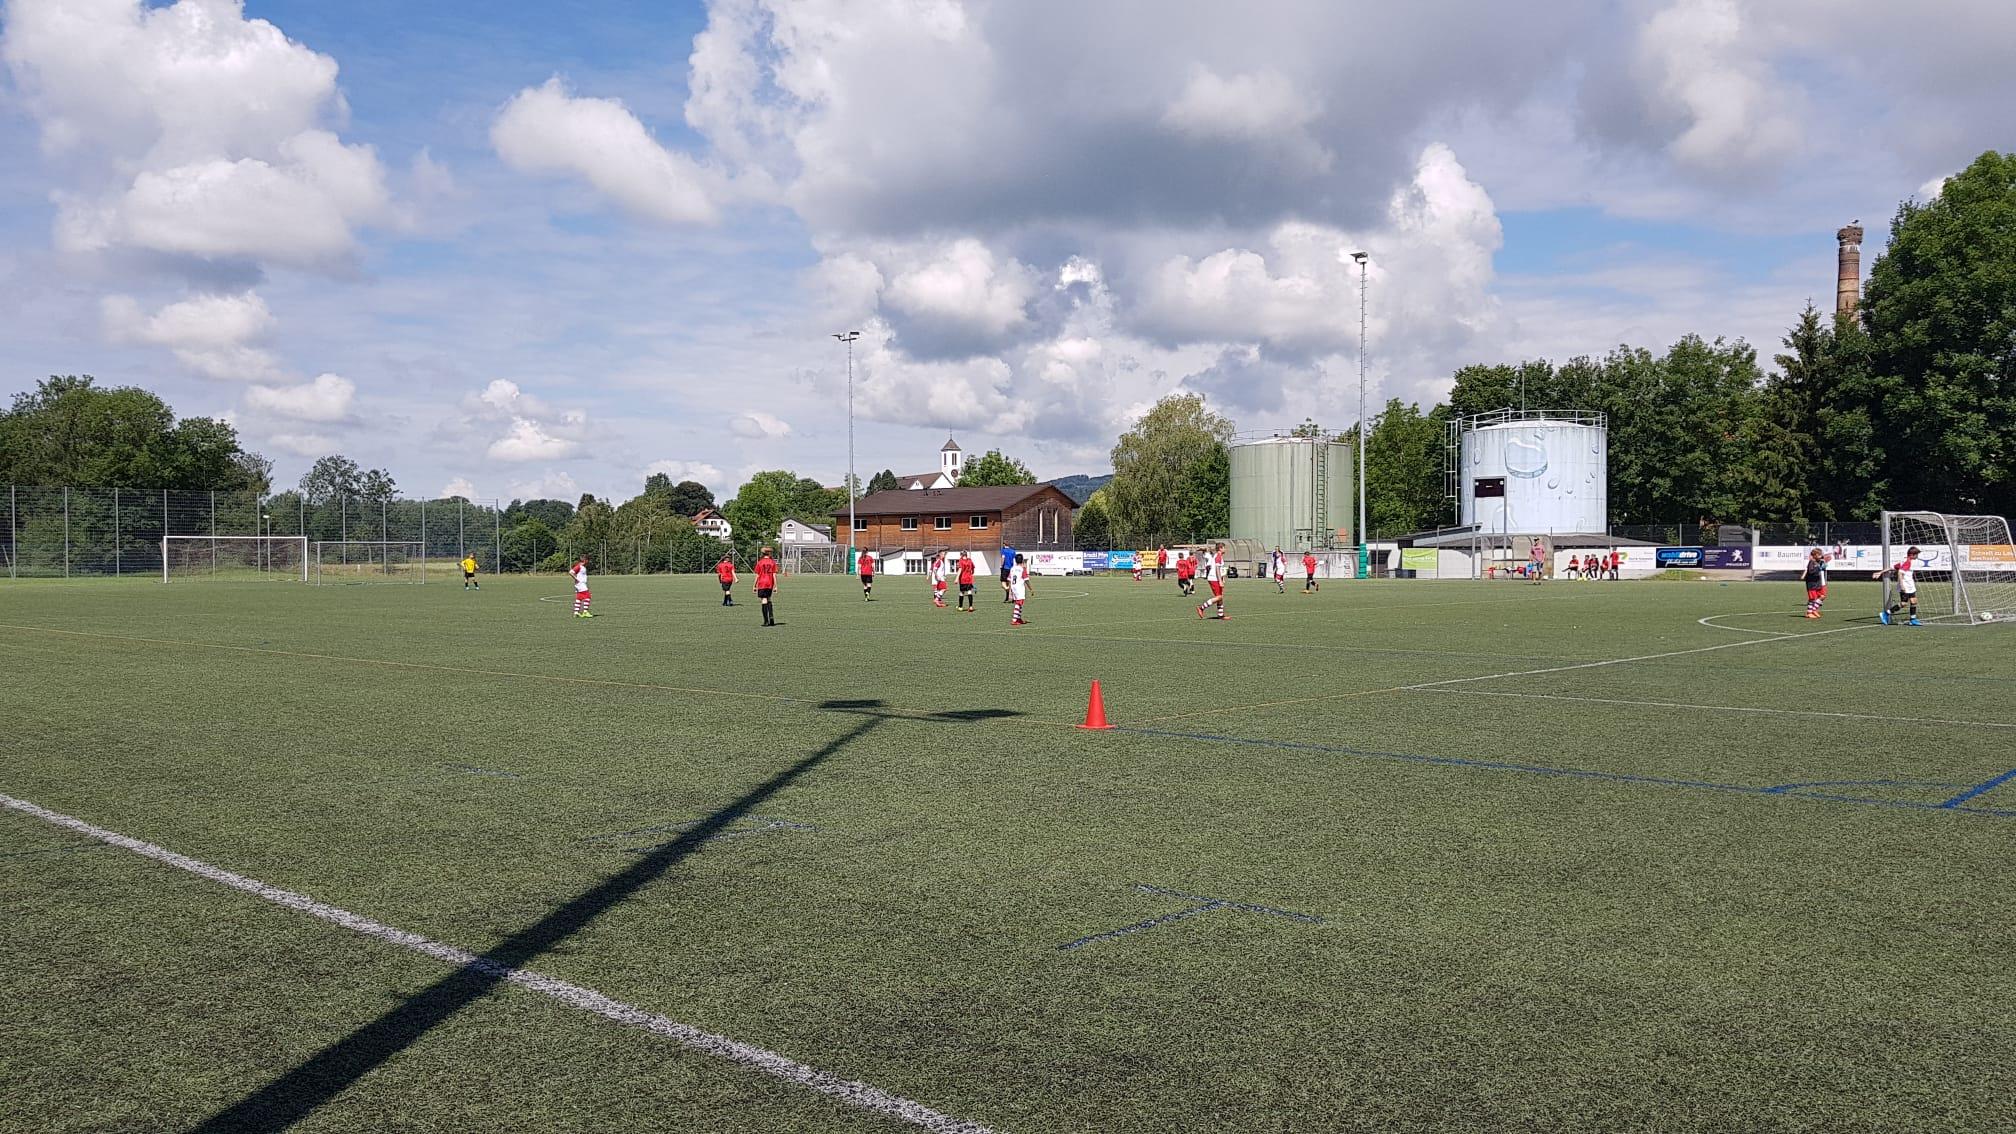 Der FC Pfyn war seinem Gegner unterlegen: Berg entschied die Partie mit 9:1 für sich.